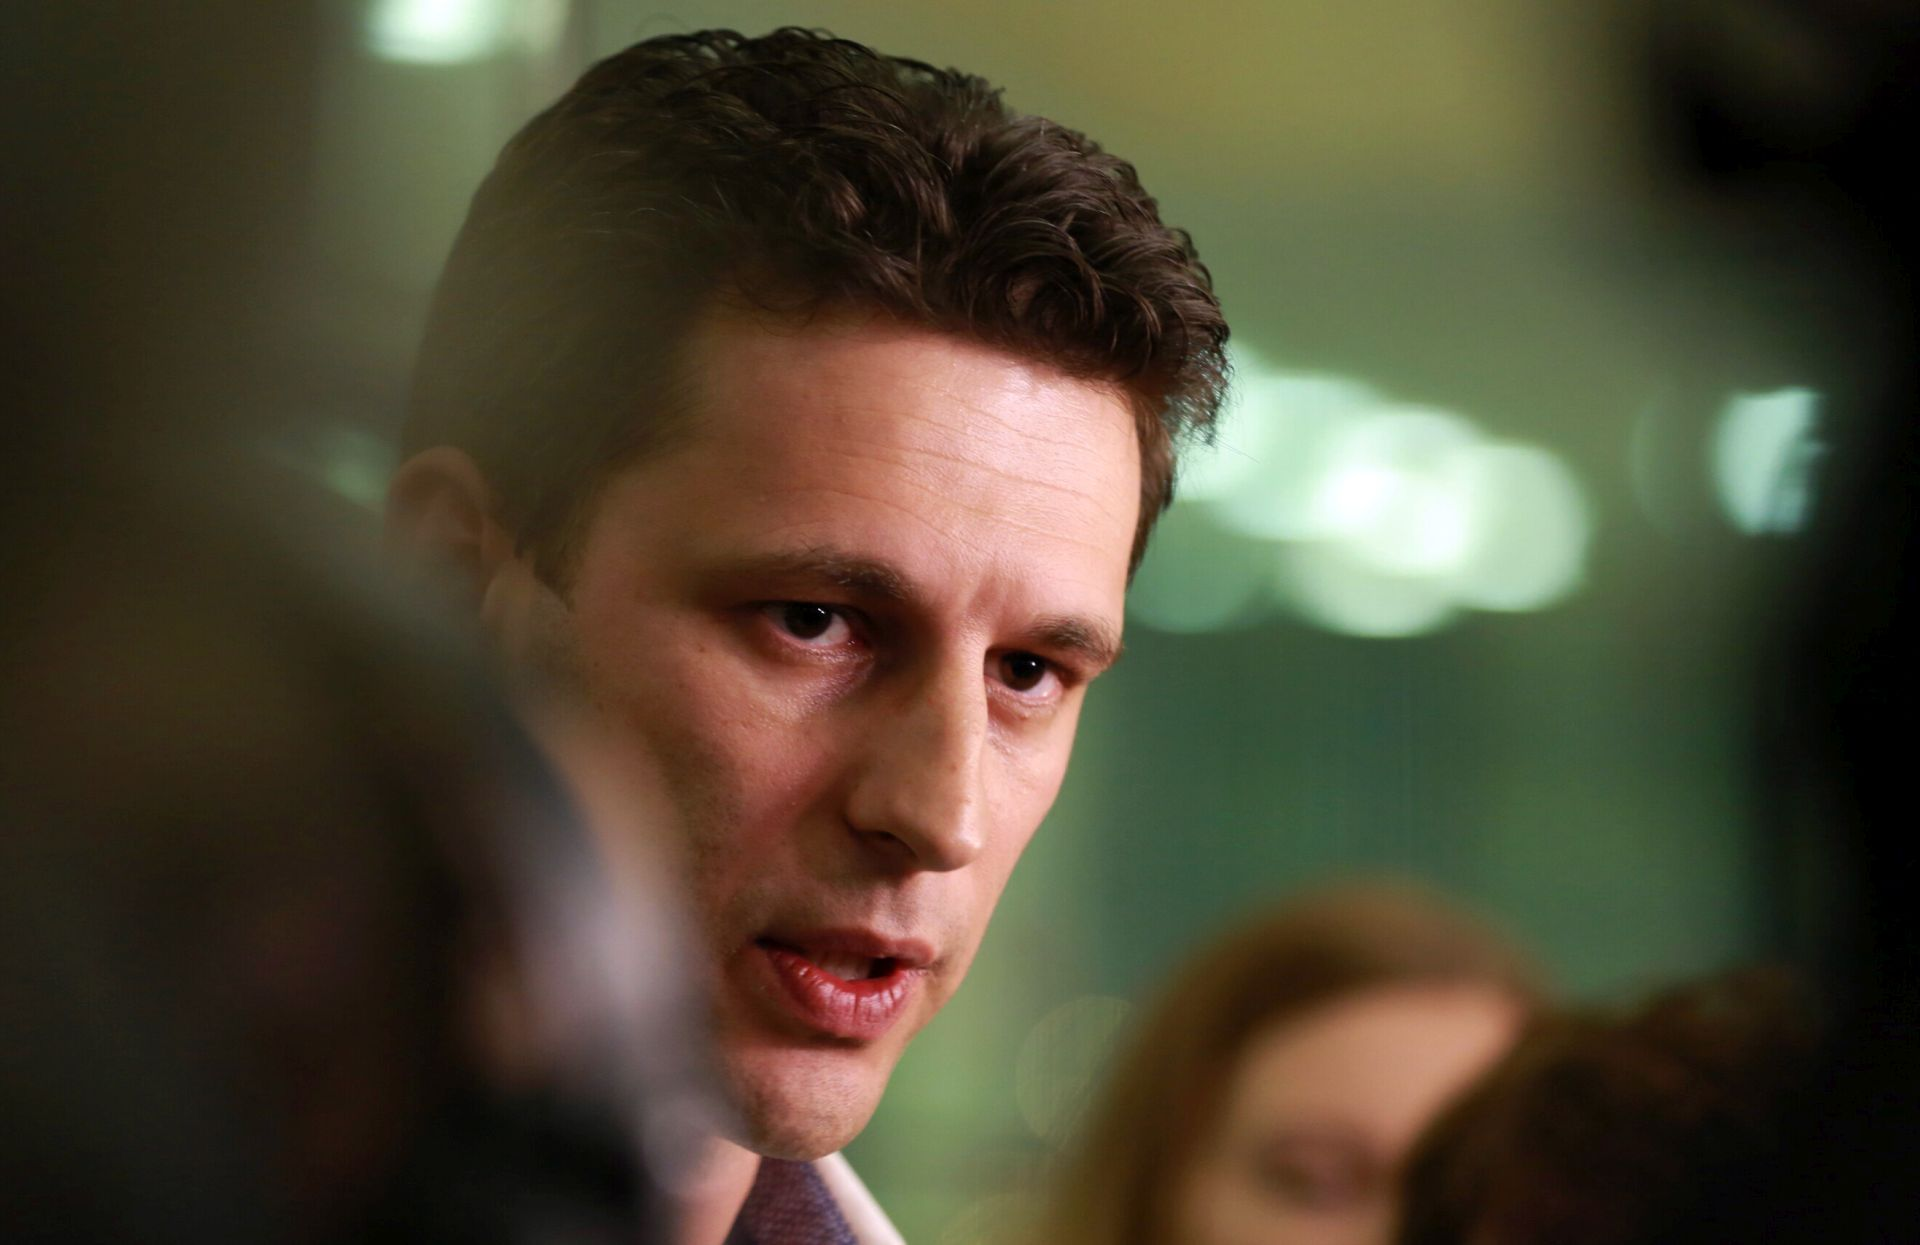 NAKON RAZGOVORA Petrov: Predsjednica je željela još jednom upozoriti na ozbiljnost formiranja vlade